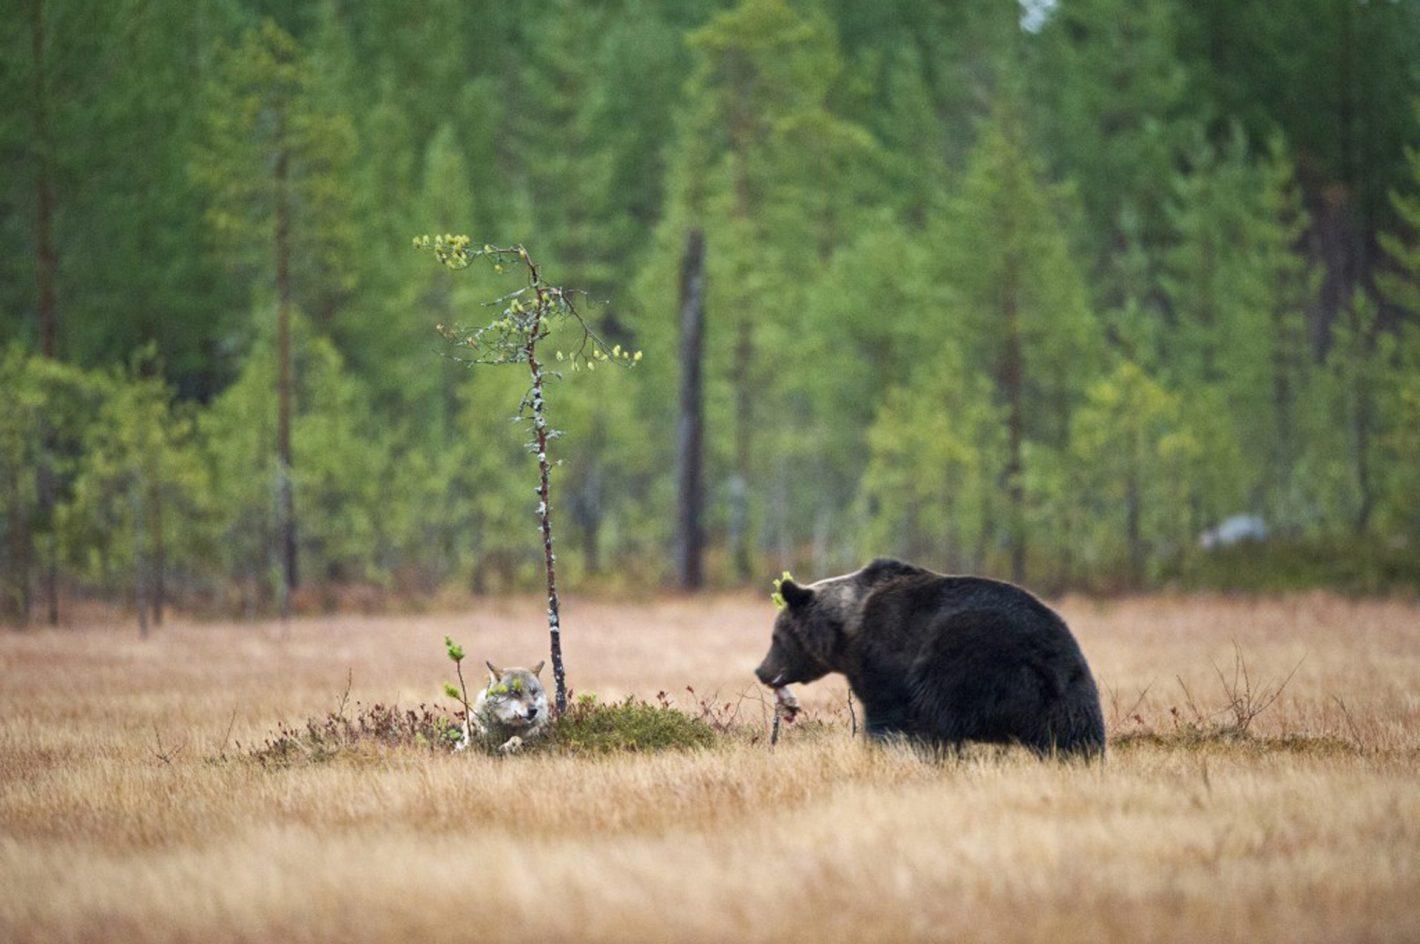 Viens dîner avec moi : voici l'ours sauvage qui invite sa copine louve à partager son repas. Photo prise avec le Nikon D3S et l'objectif NIKKOR 600MM F/4G ED VR à 1/50 s | 12 800 ISO, le 8/10/2011 à 7h11 ©Lassi Rautiainen